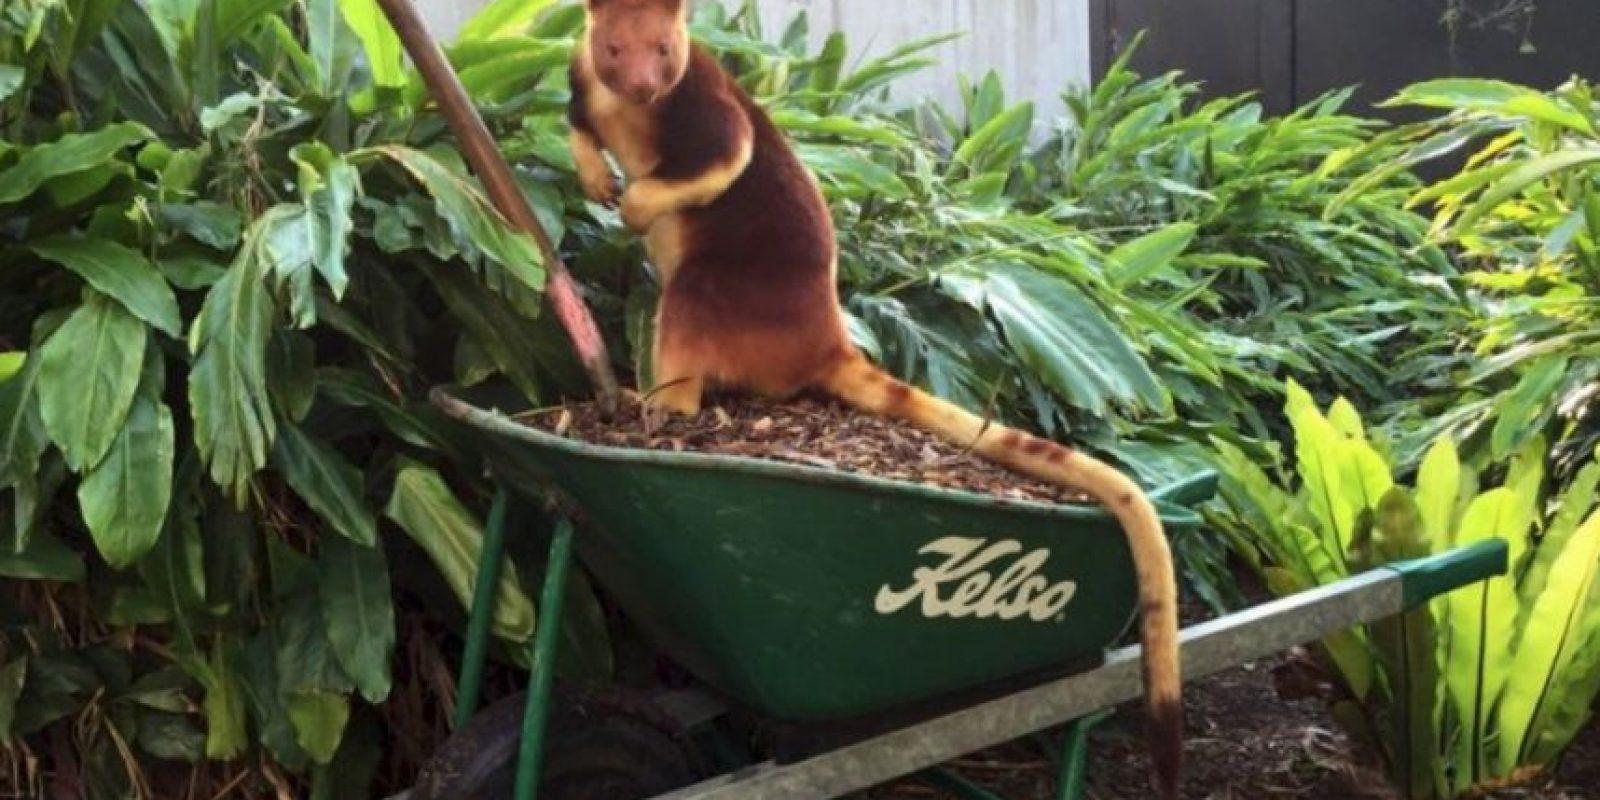 Se llama Sam y también vive en el Zoológico Taronga. Foto:Vía Facebook.com/tarongazoo